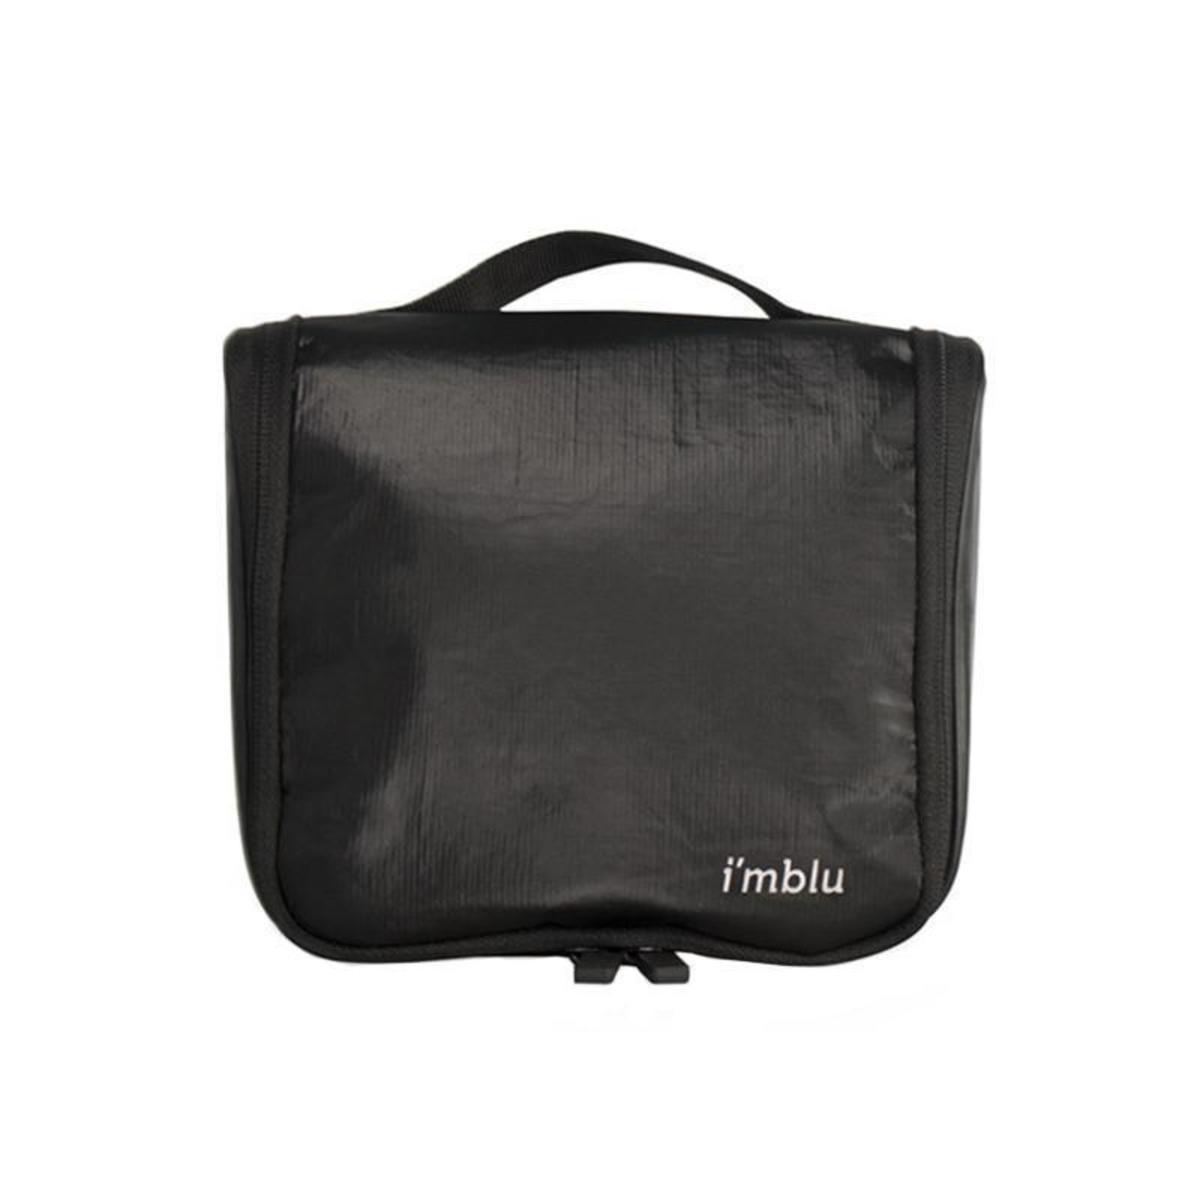 旅行專用化妝袋 收納袋 洗漱包 M 碼 (黑/白) - 黑色